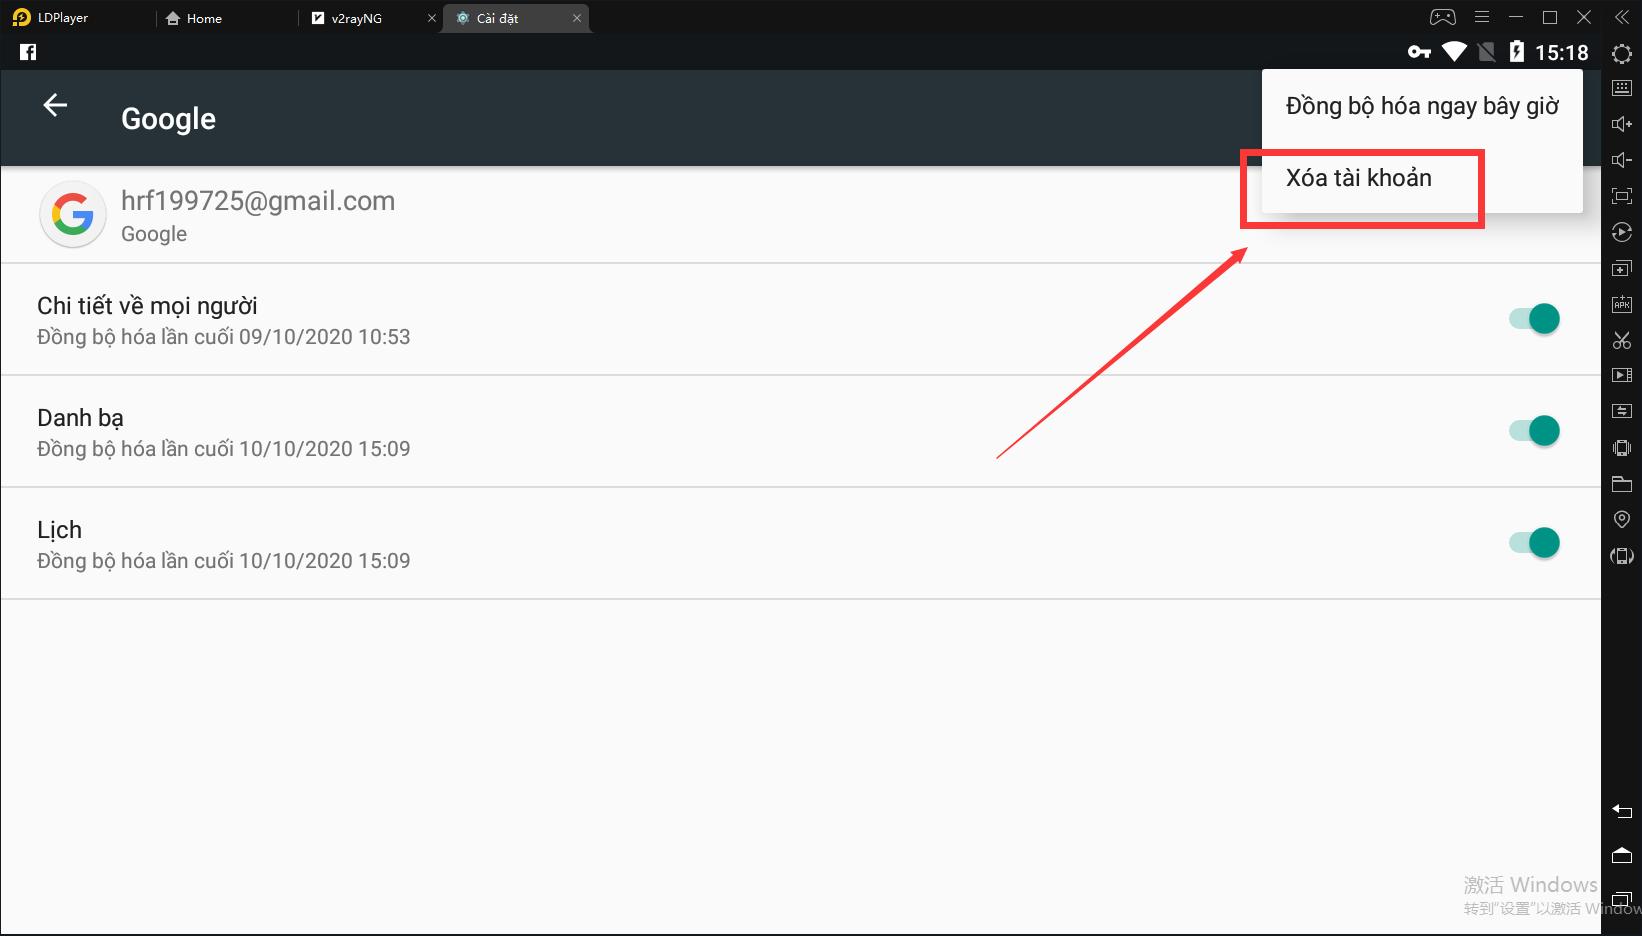 Cách đăng xuất tài khoản Google từ LDPlayer